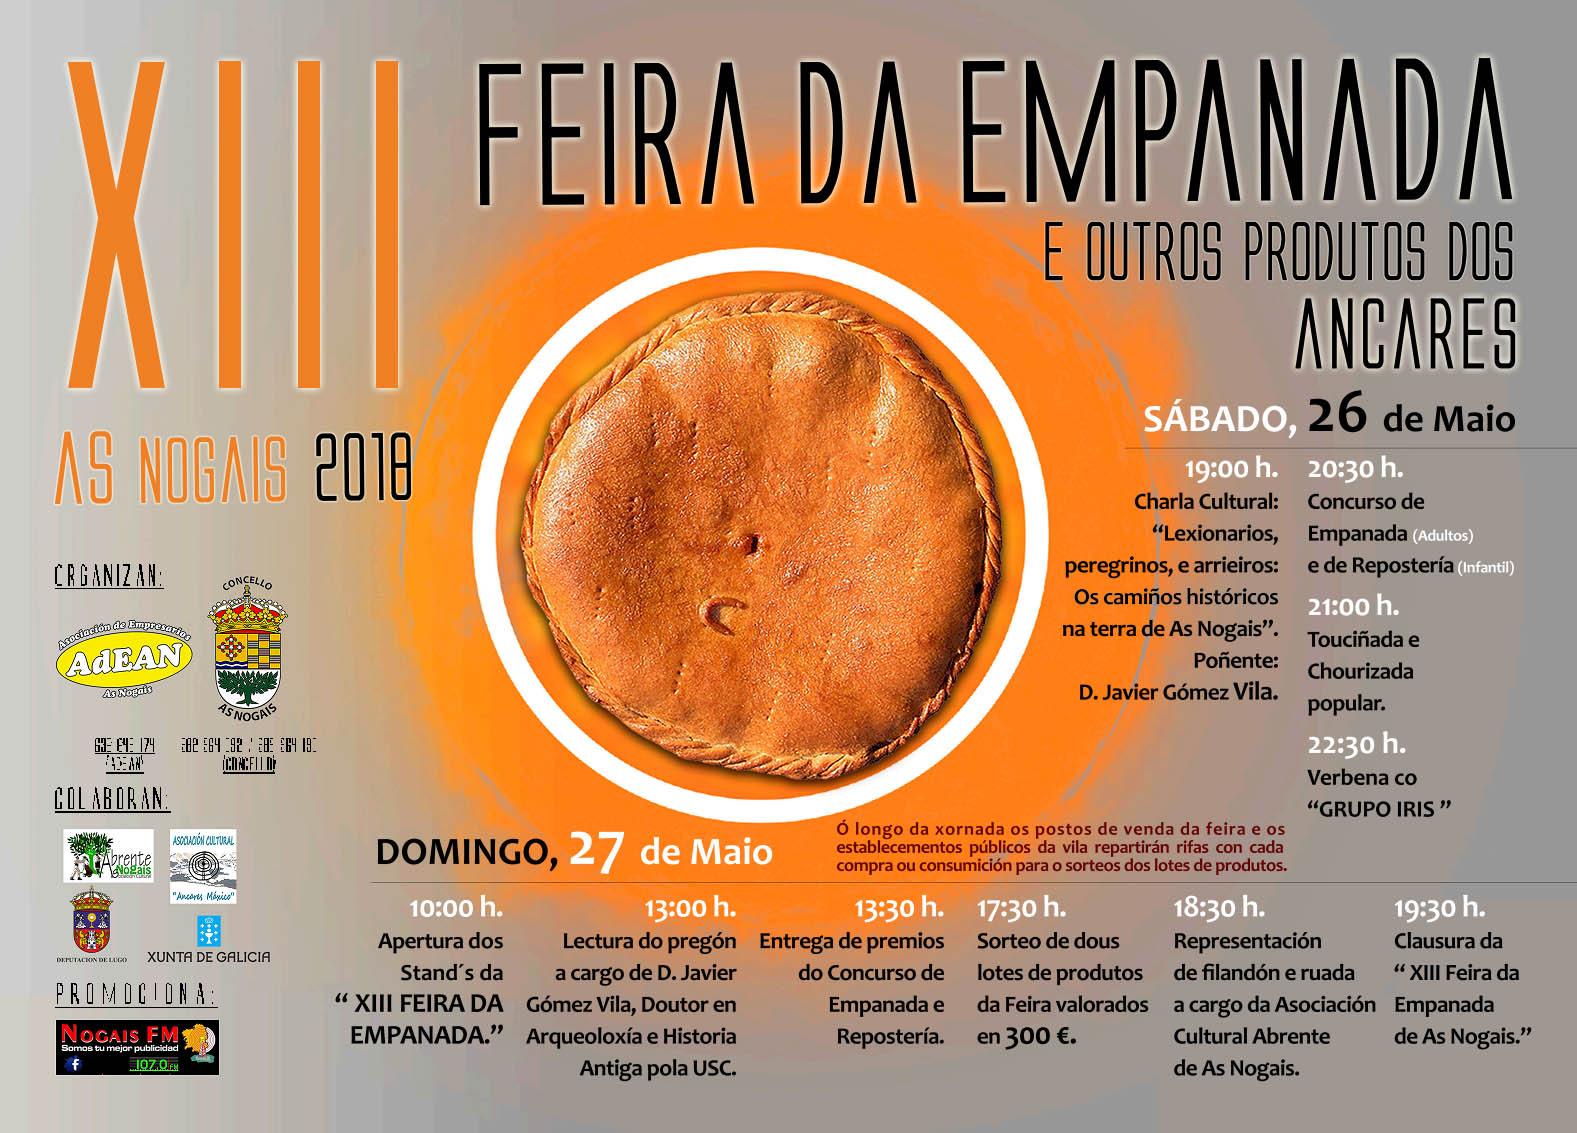 EMPANADA_AS_NOGAIS_1